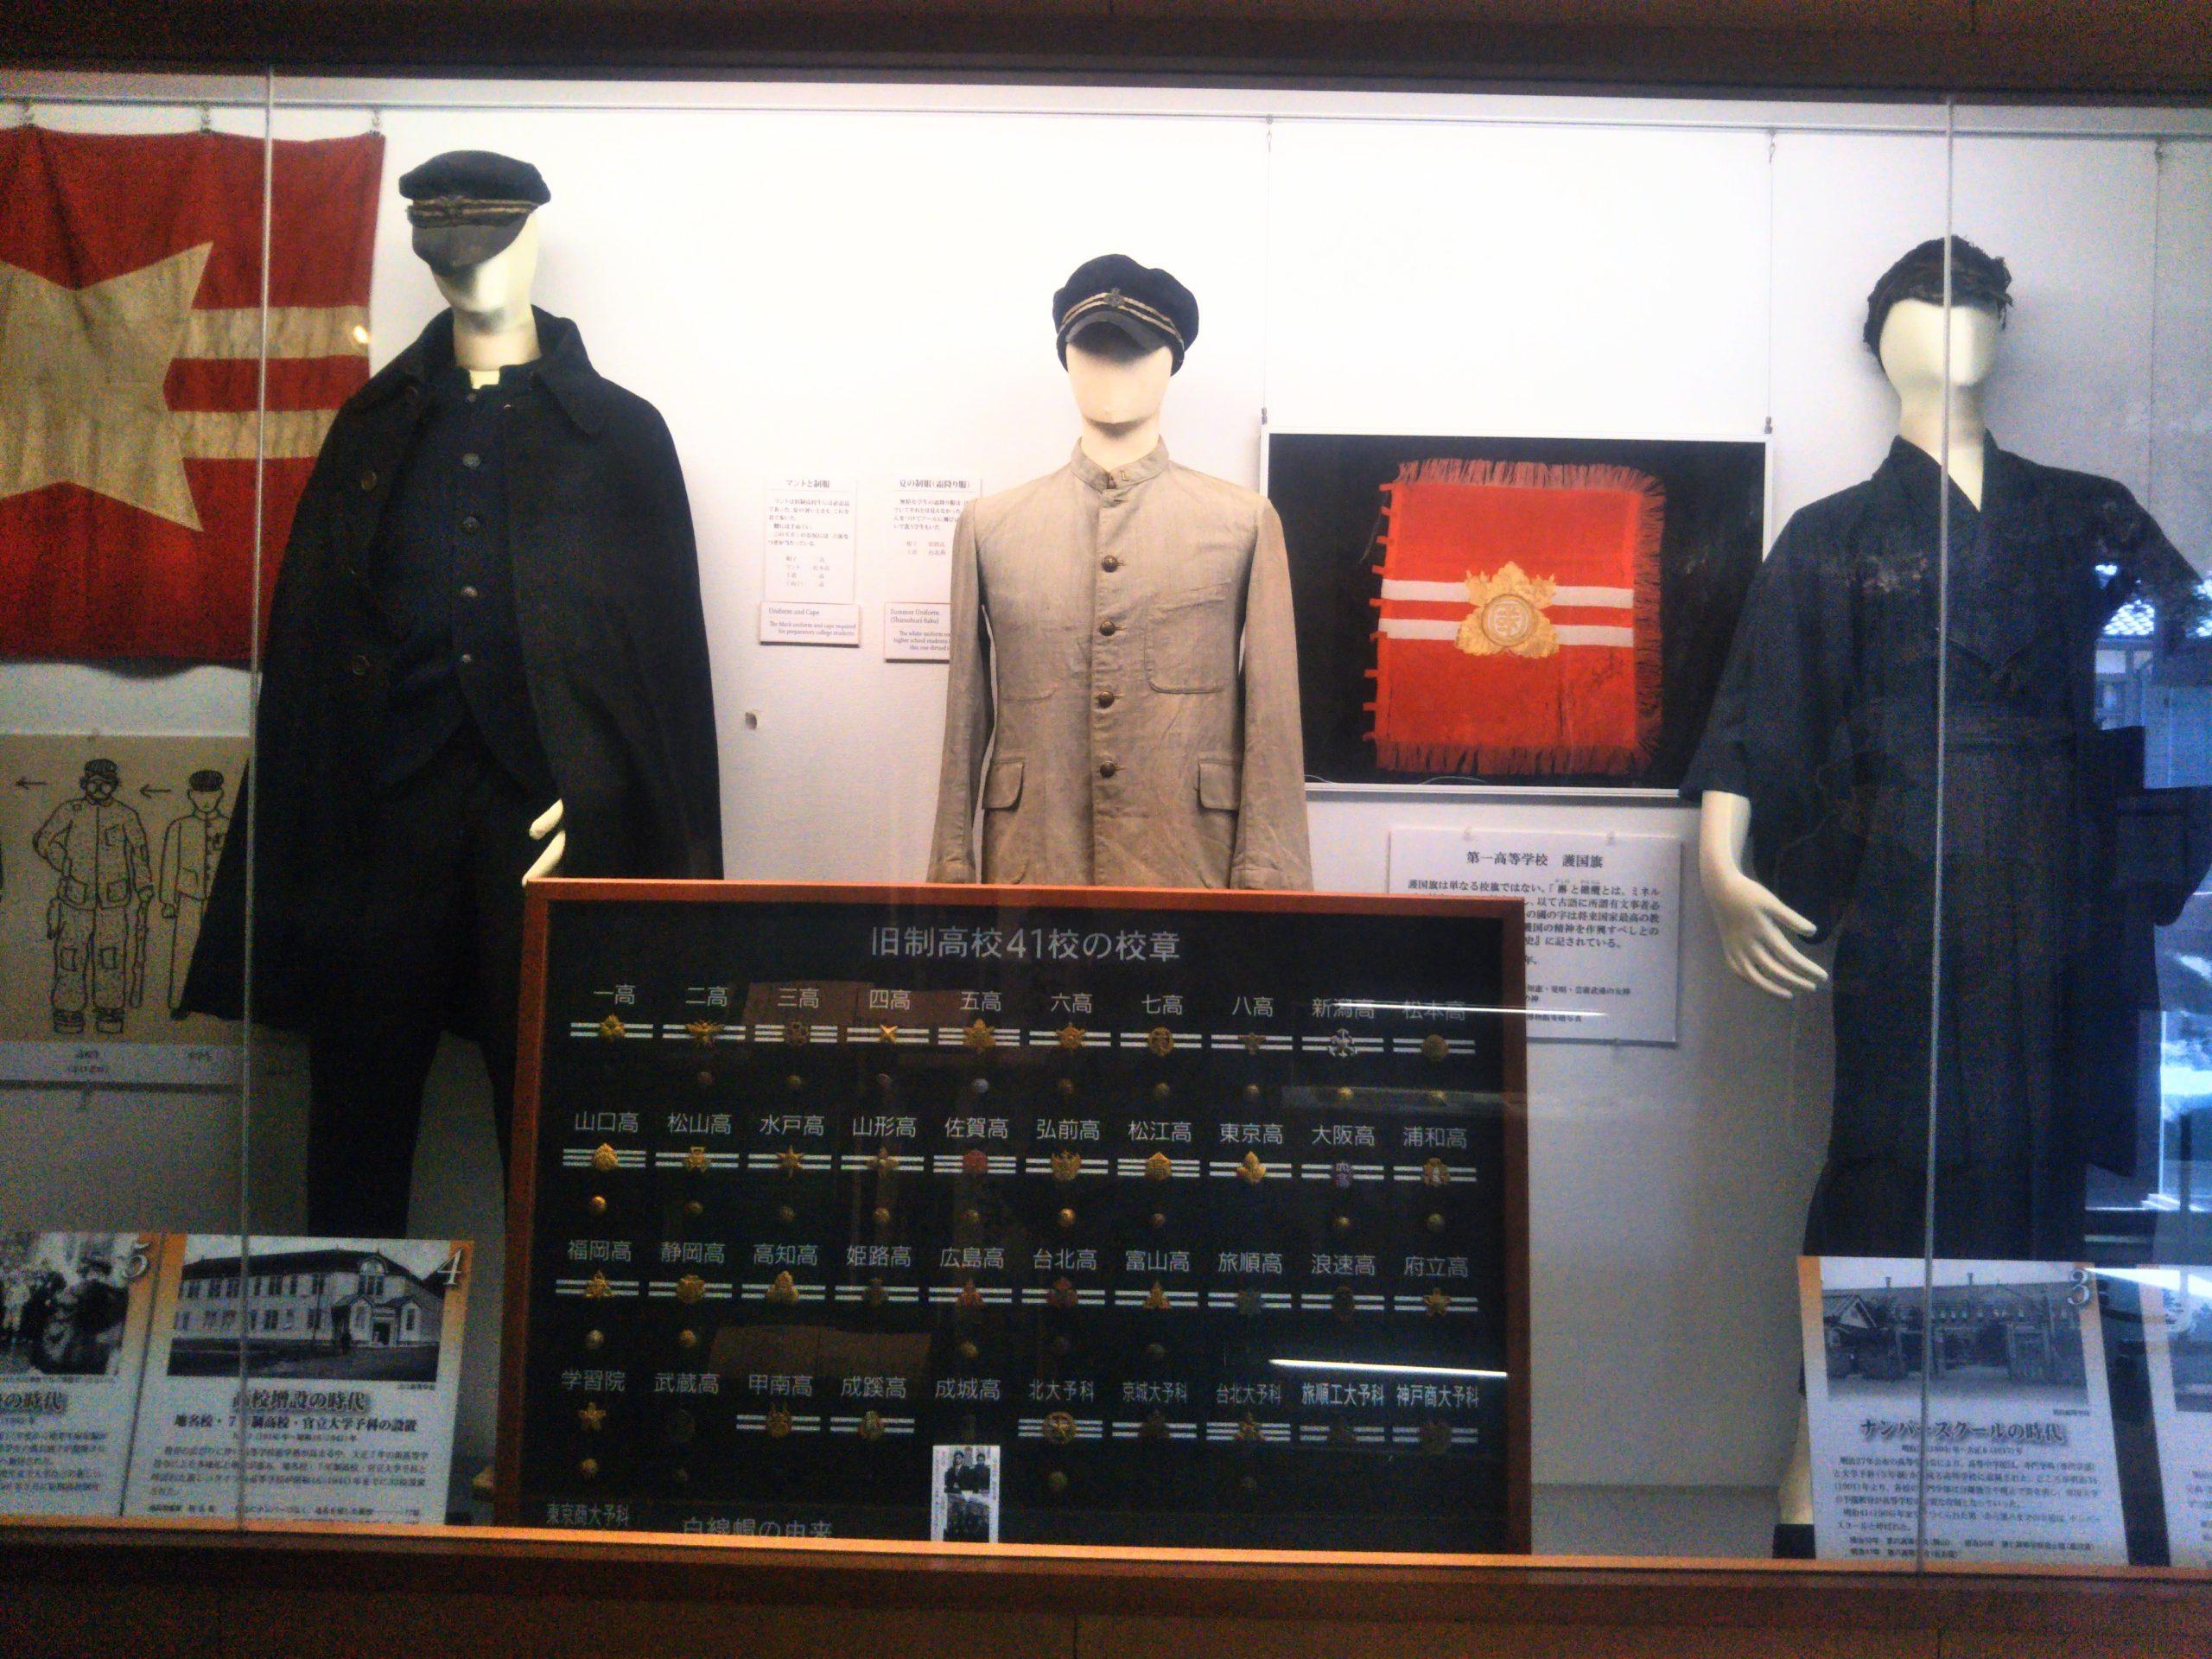 Cours d'histoire dans la ville de Matsumoto